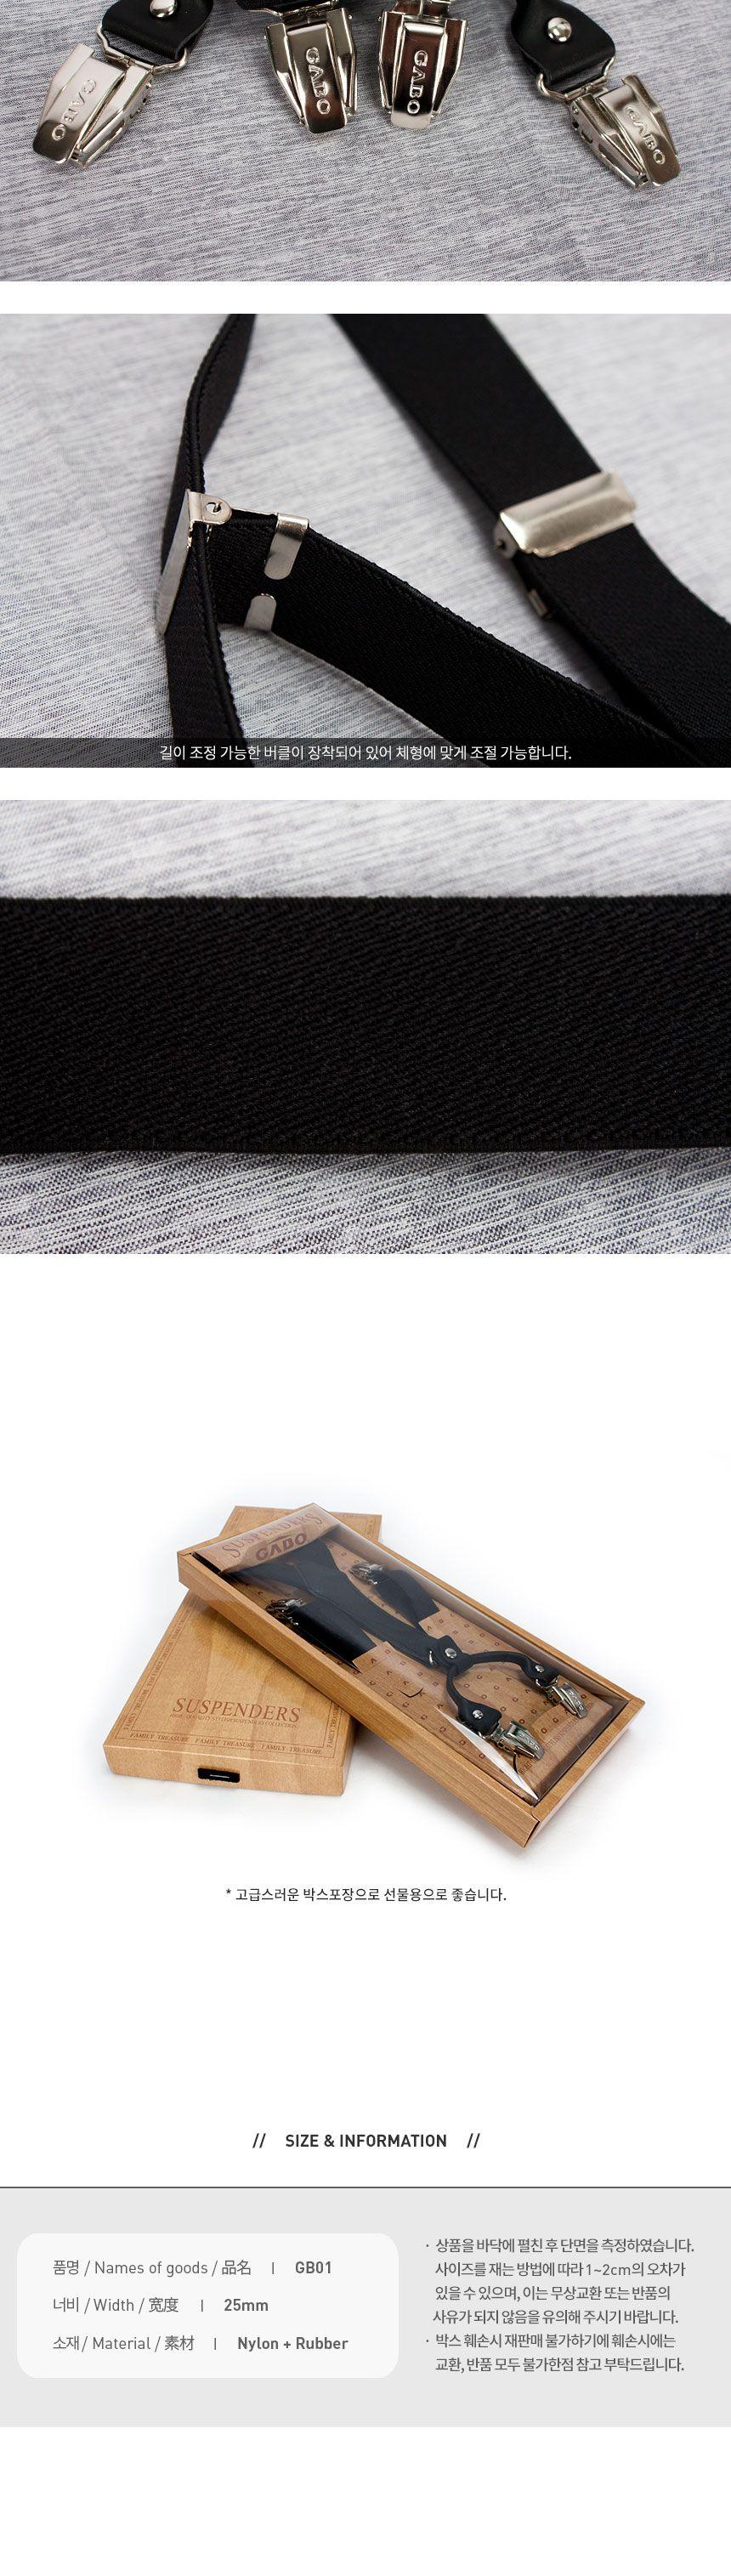 캐쥬얼 클립 블랙 서스펜더 GB01 패션멜빵 정장팬츠멜 패션멜빵 정장팬츠멜빵 바지멜빵 서스펜더 정장바지멜빵